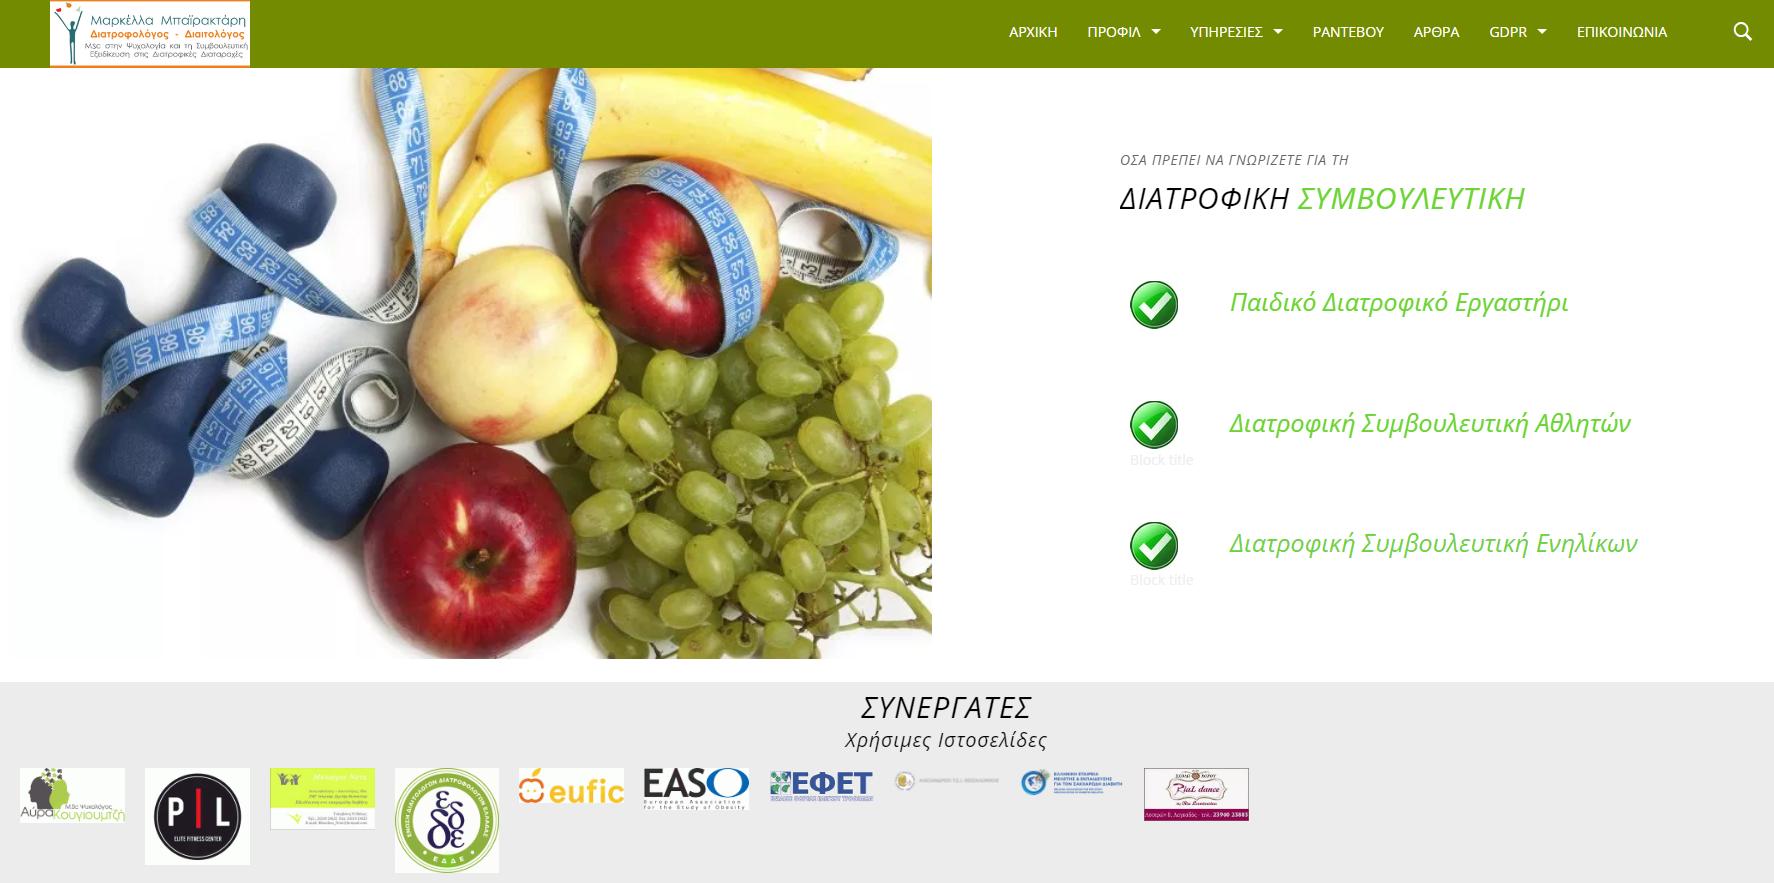 Υγιεινό και λαχταριστό Web Design στη νέα Ιστοσελίδα diatrofimou.eu από τη VisionCA